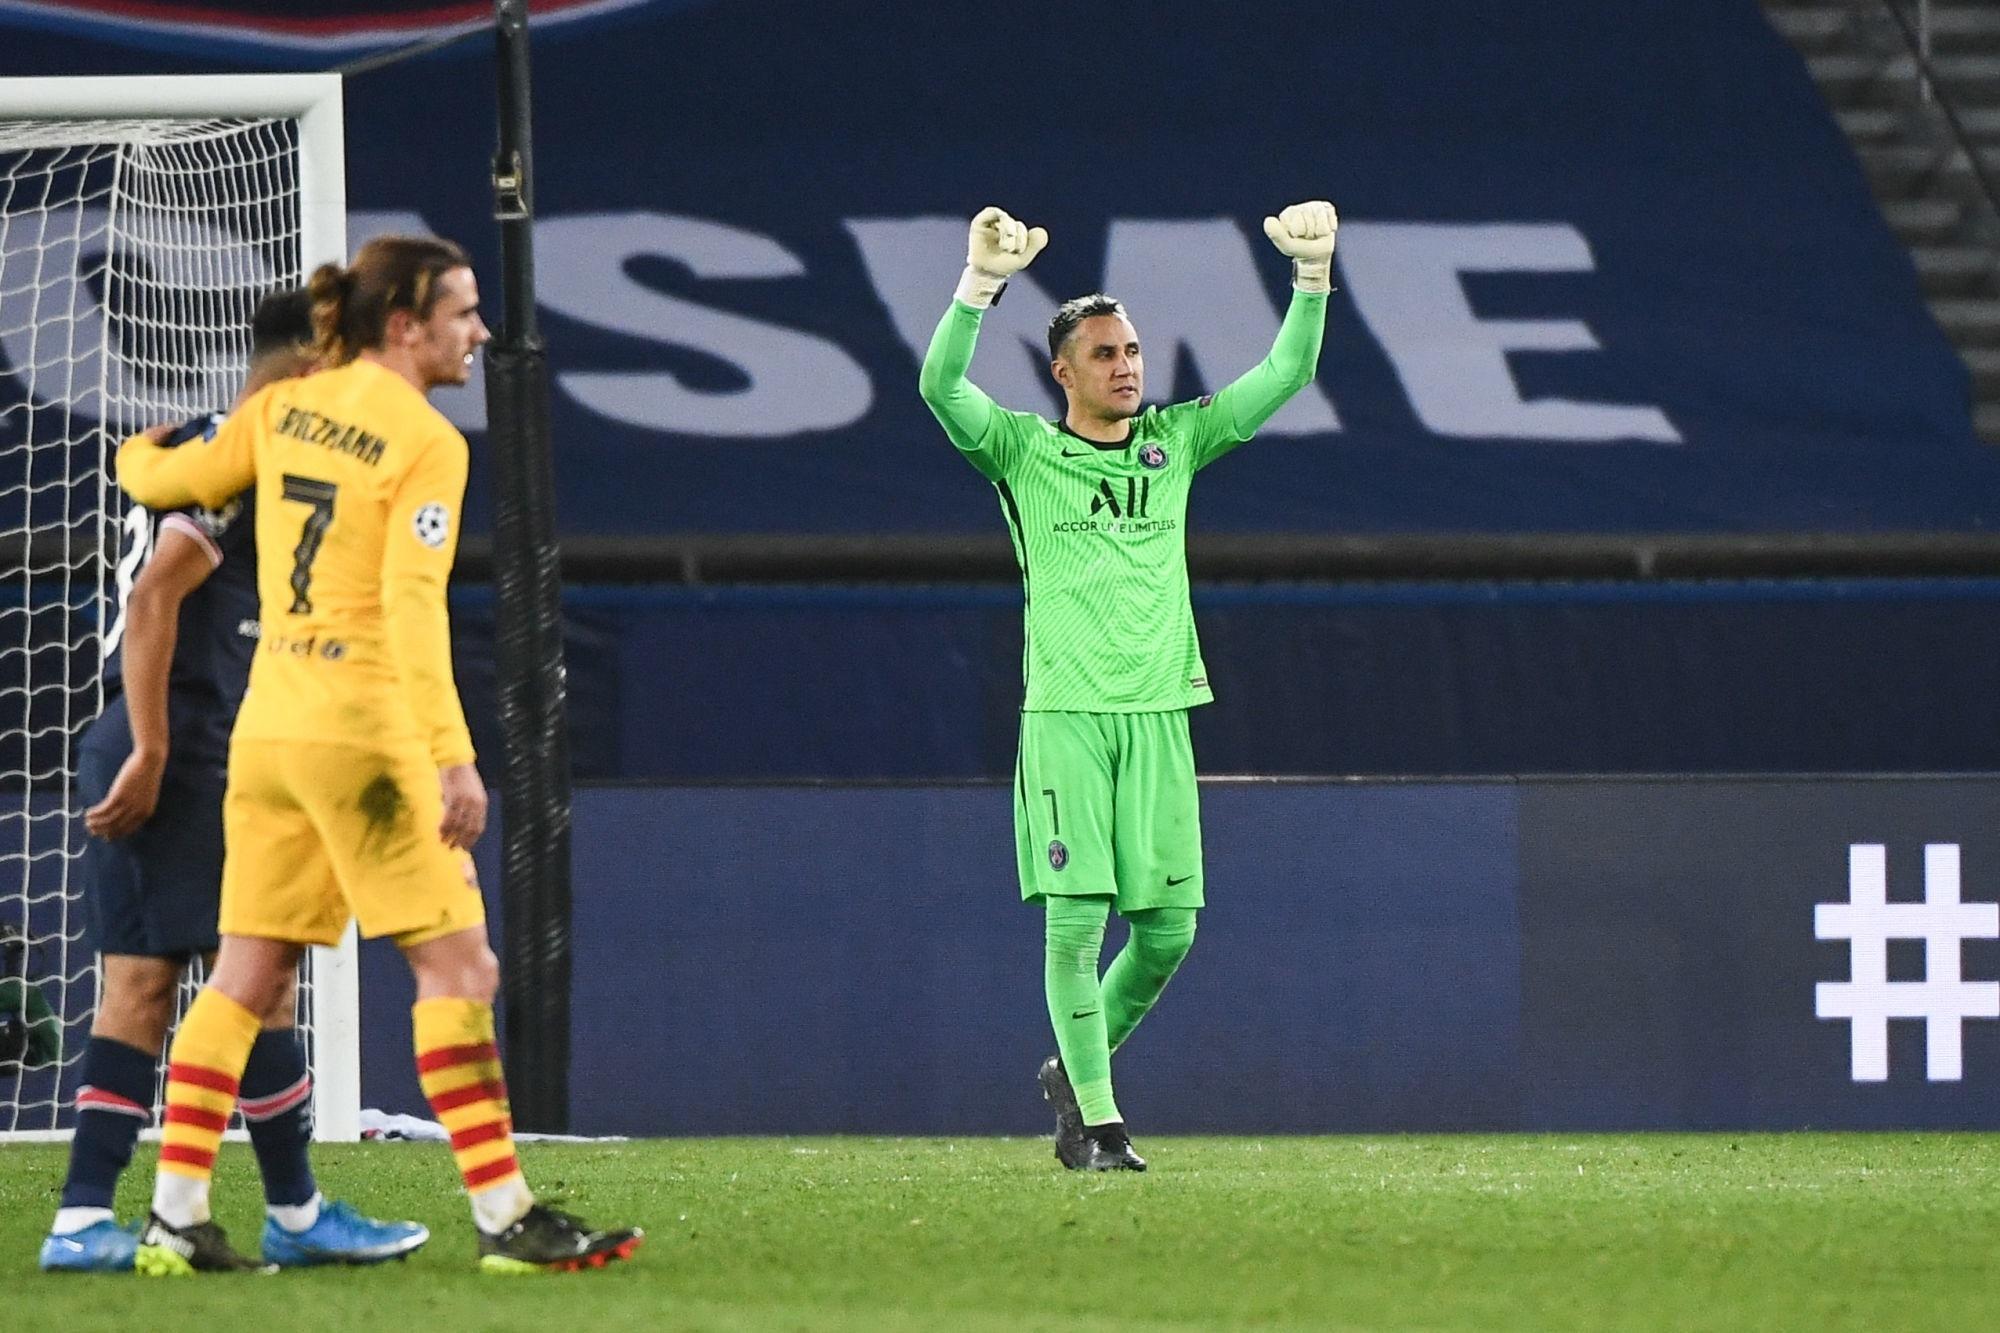 PSG/Barcelone - Navas élu meilleur joueur avec presque tous les votes des supporters parisiens